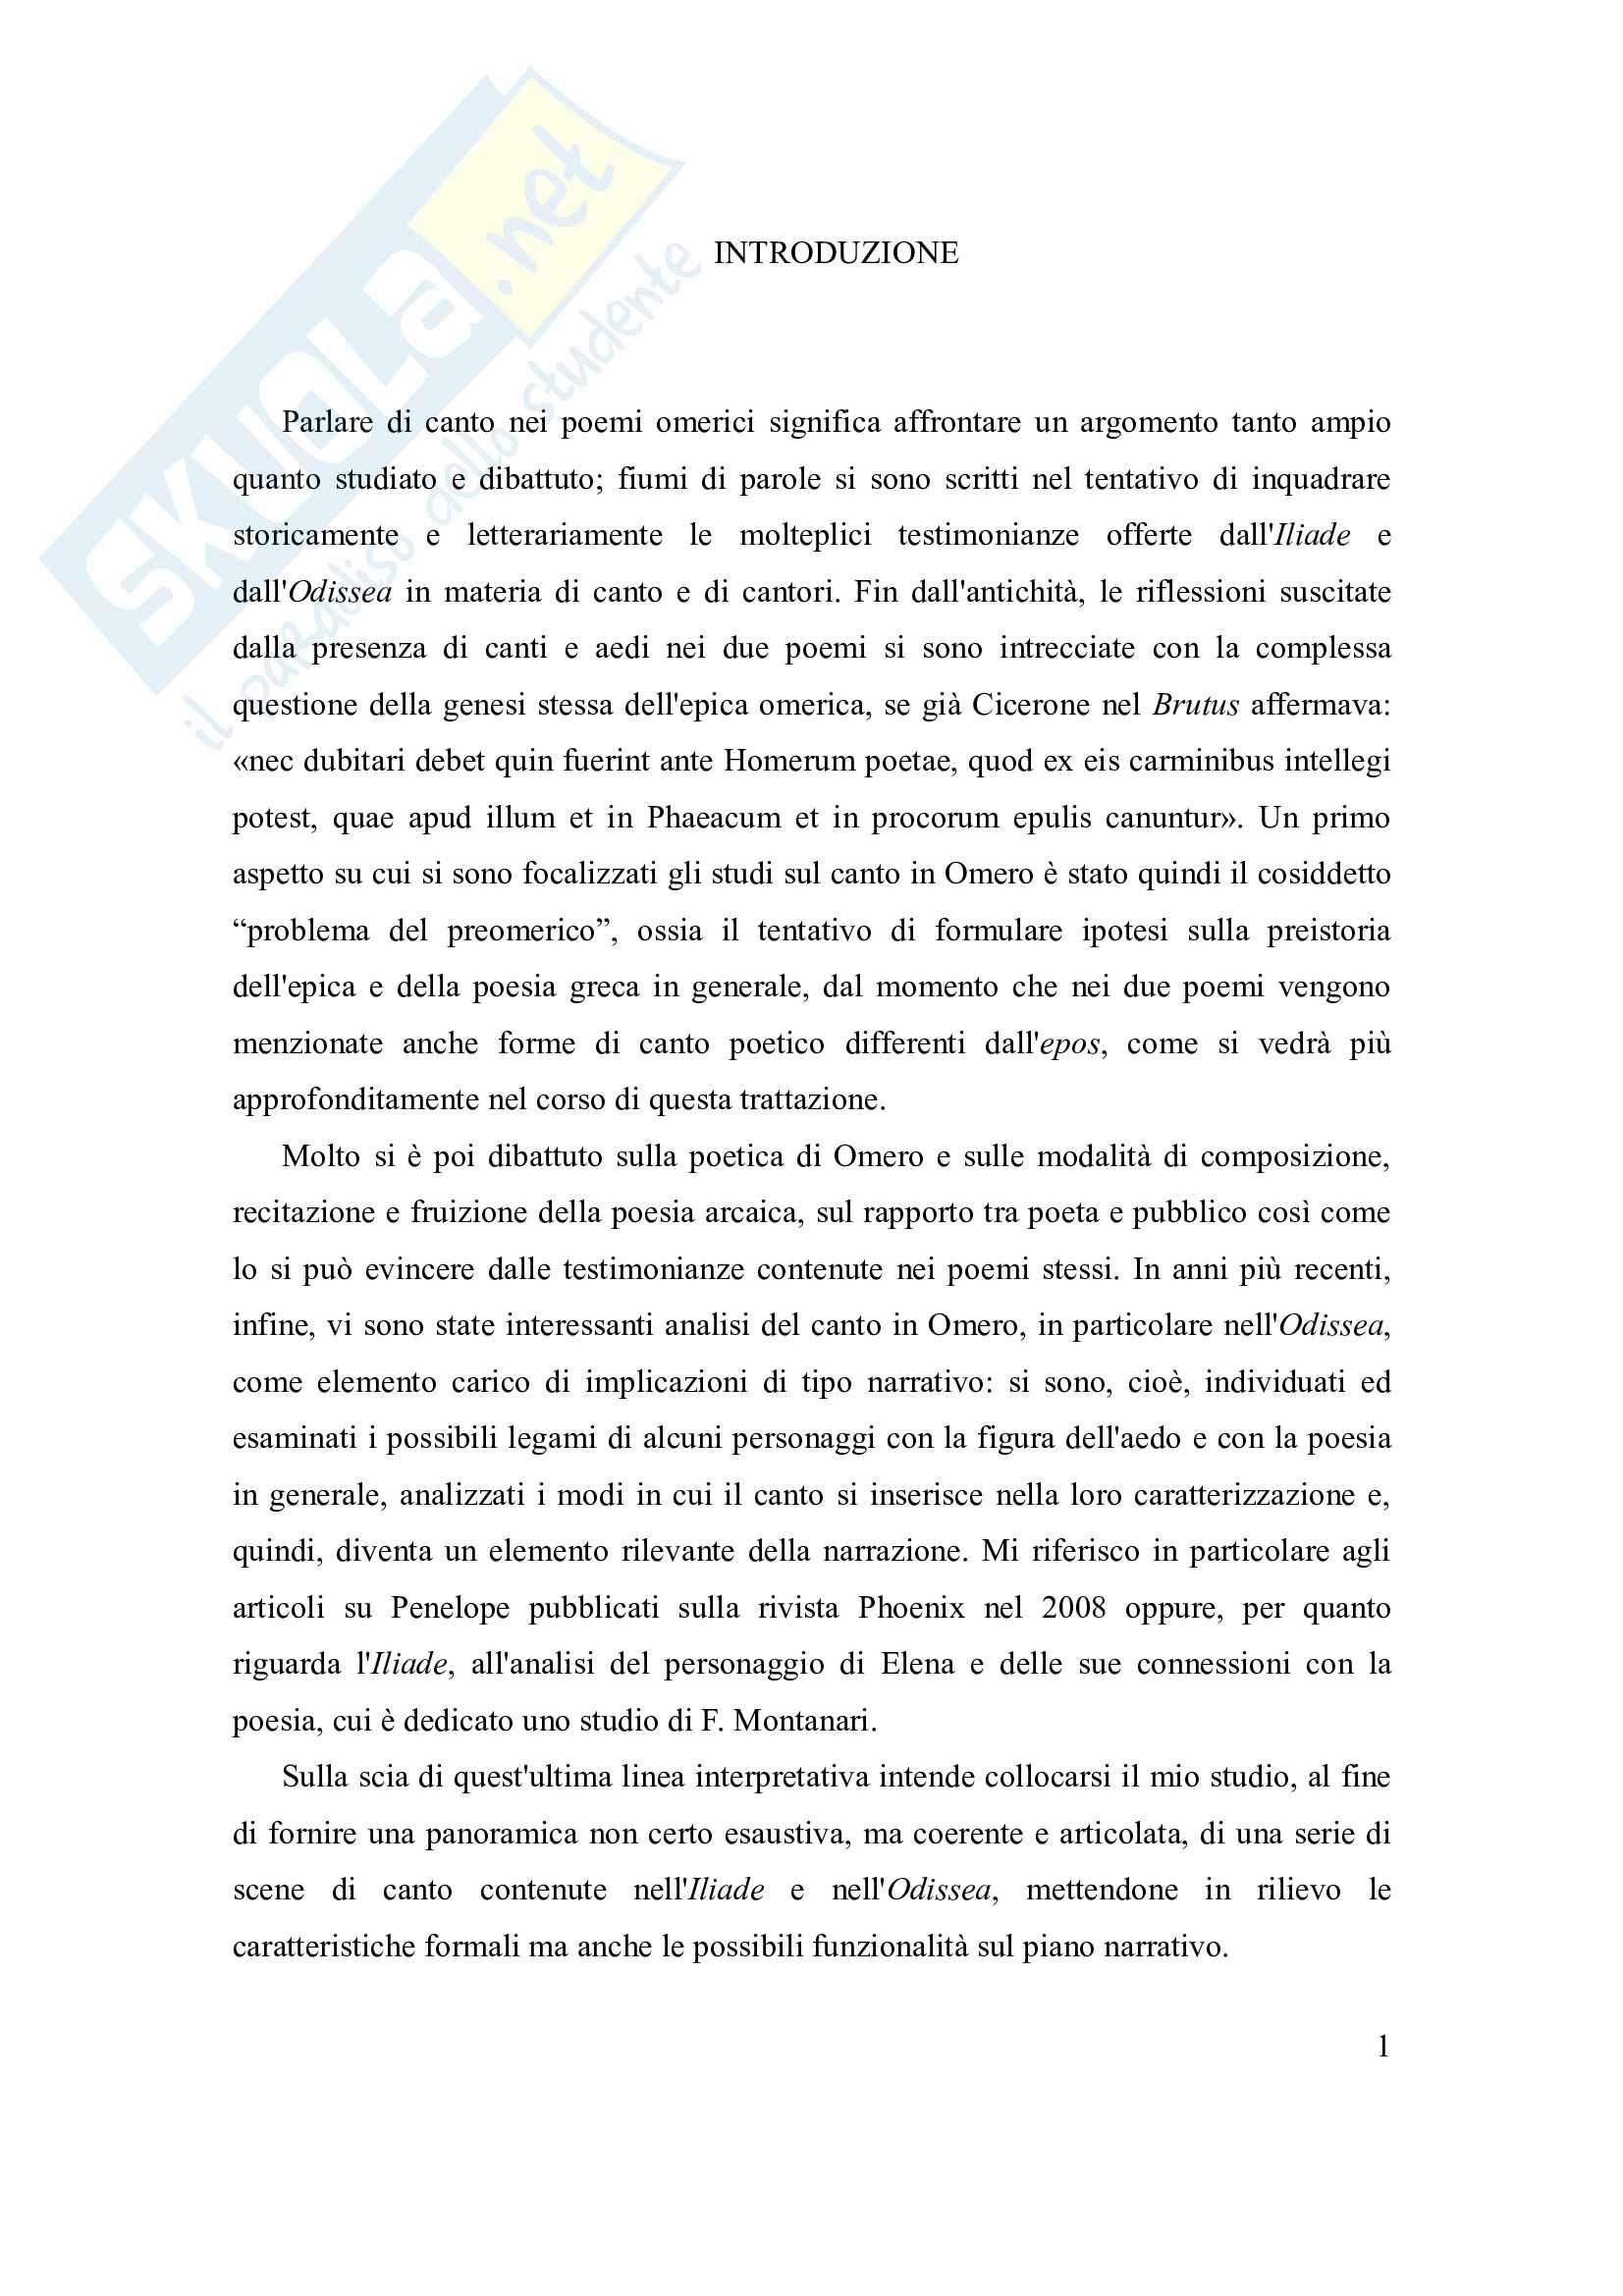 Tesi - Canto e scene di canto nell'Iliade e nell'Odissea Pag. 1